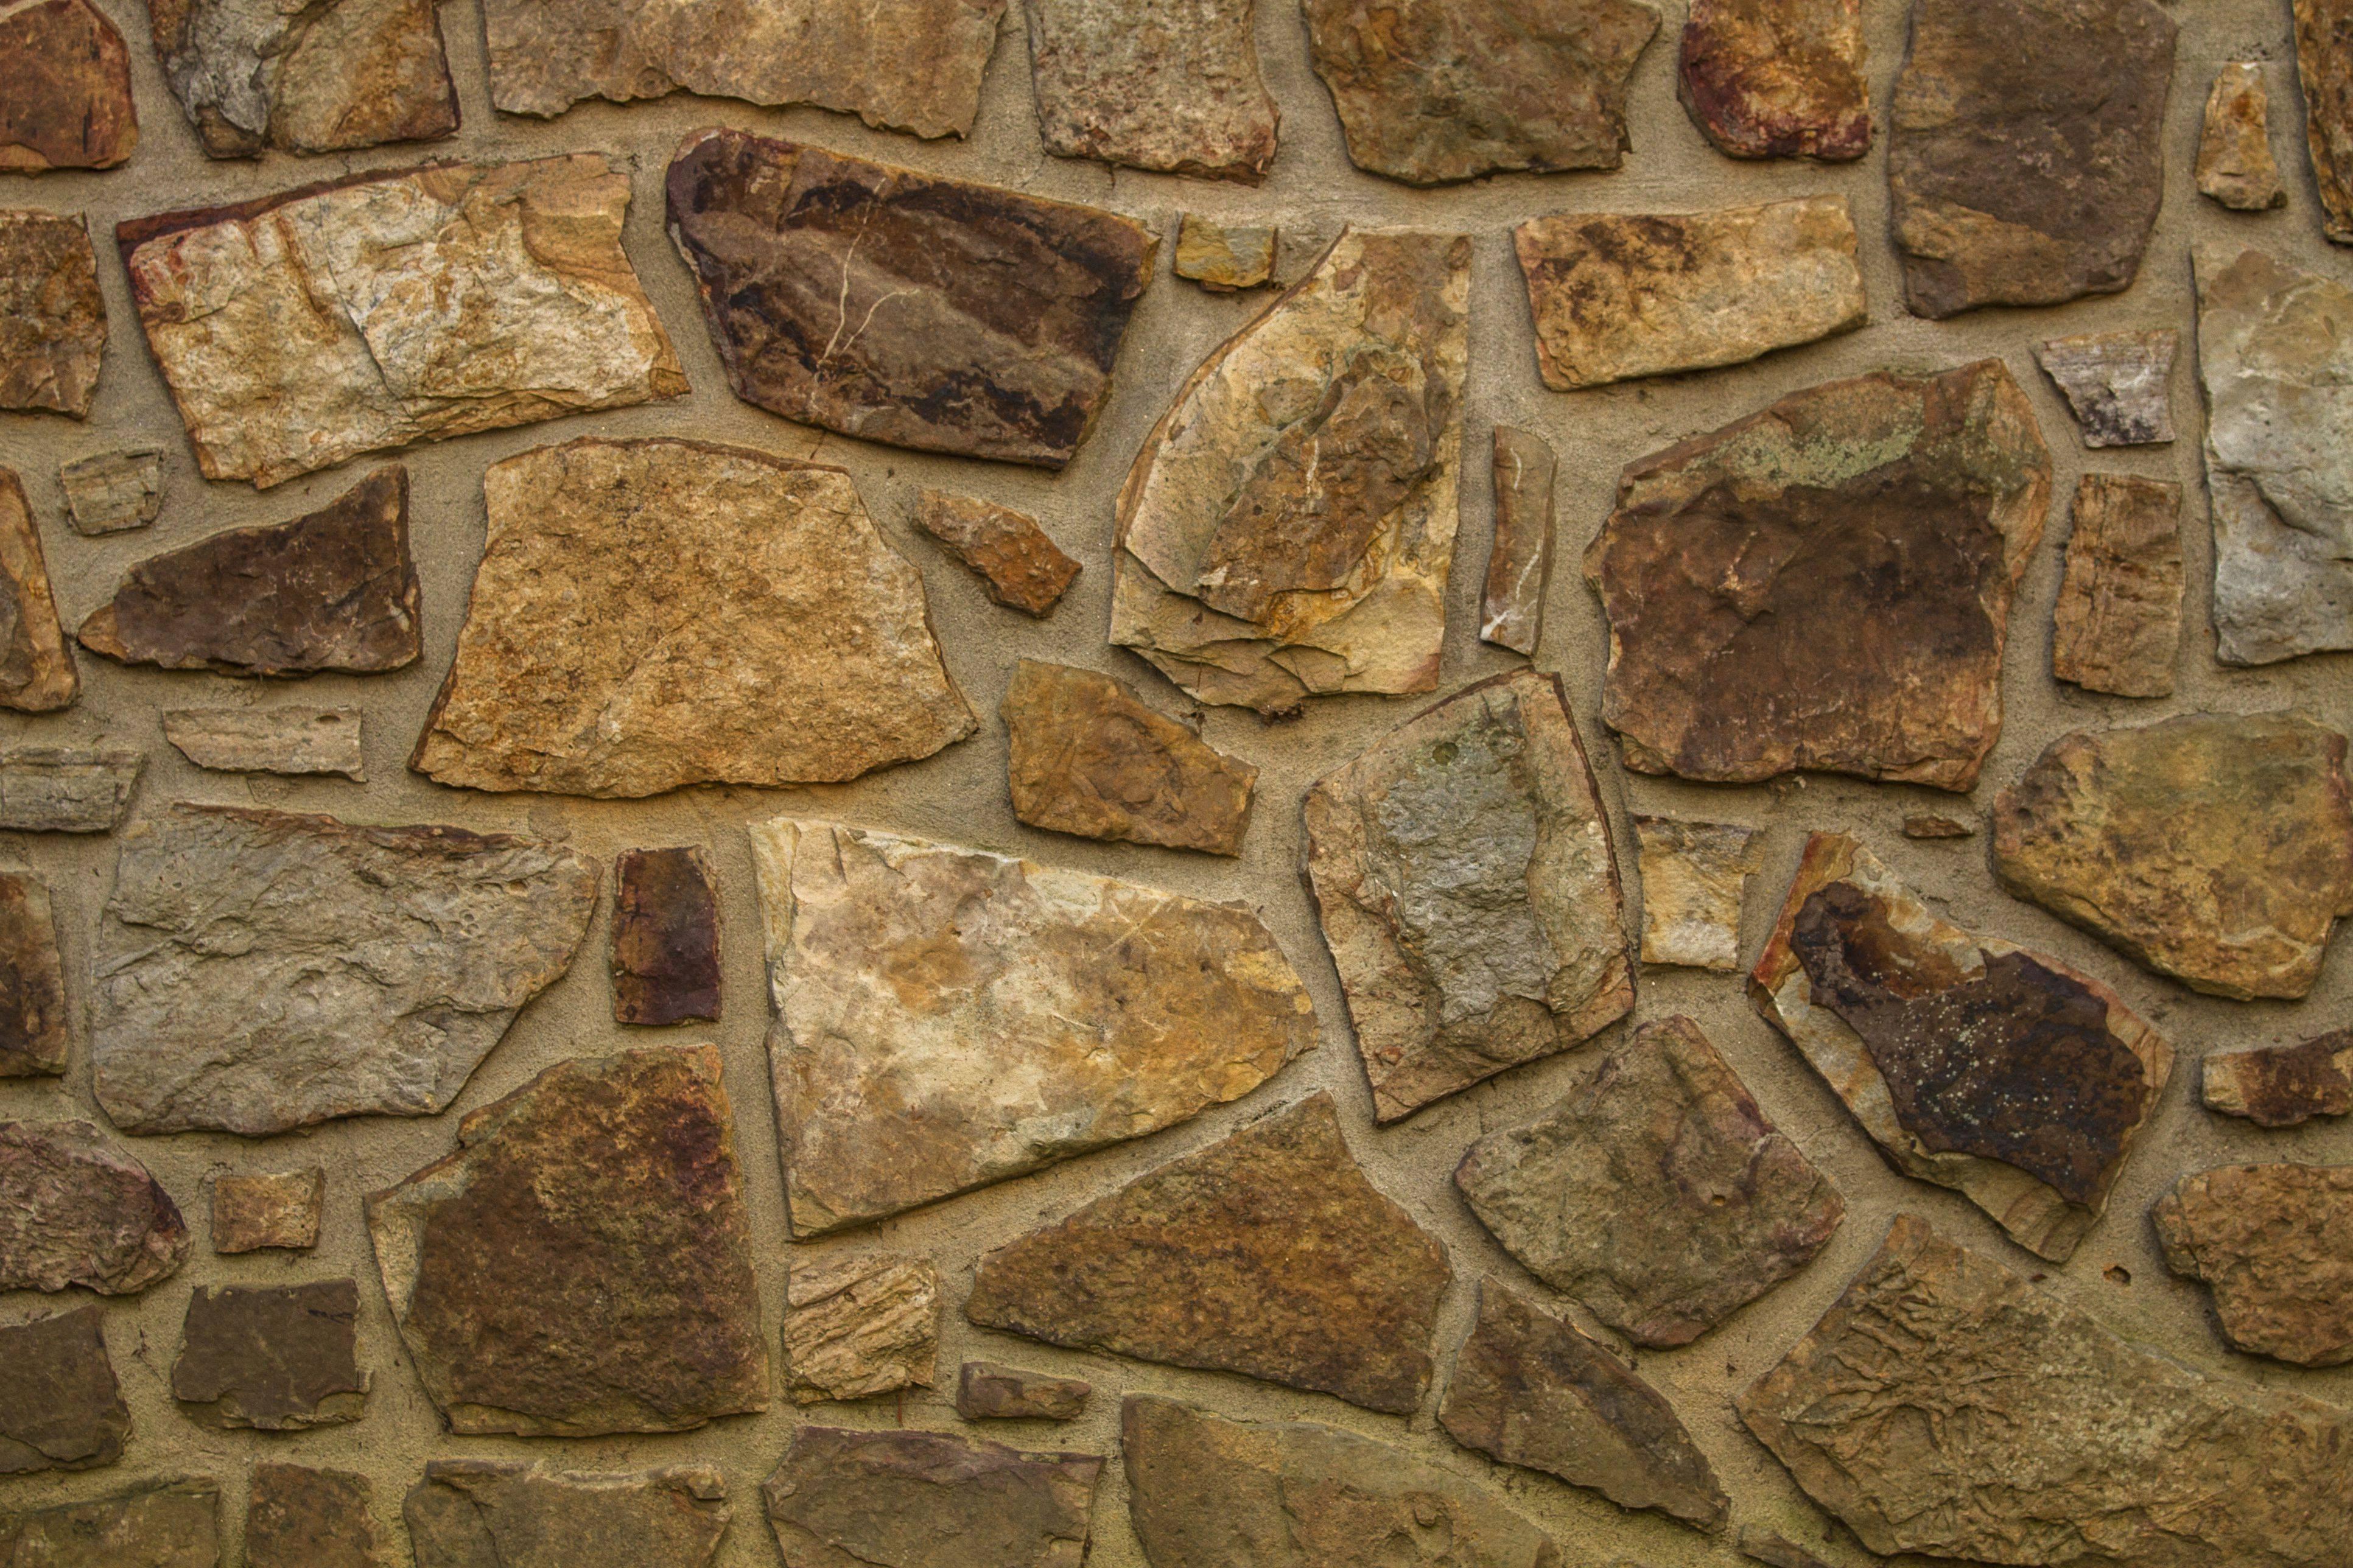 mountain stone masonry pattern on wall 5b14b2f6ba da6e583